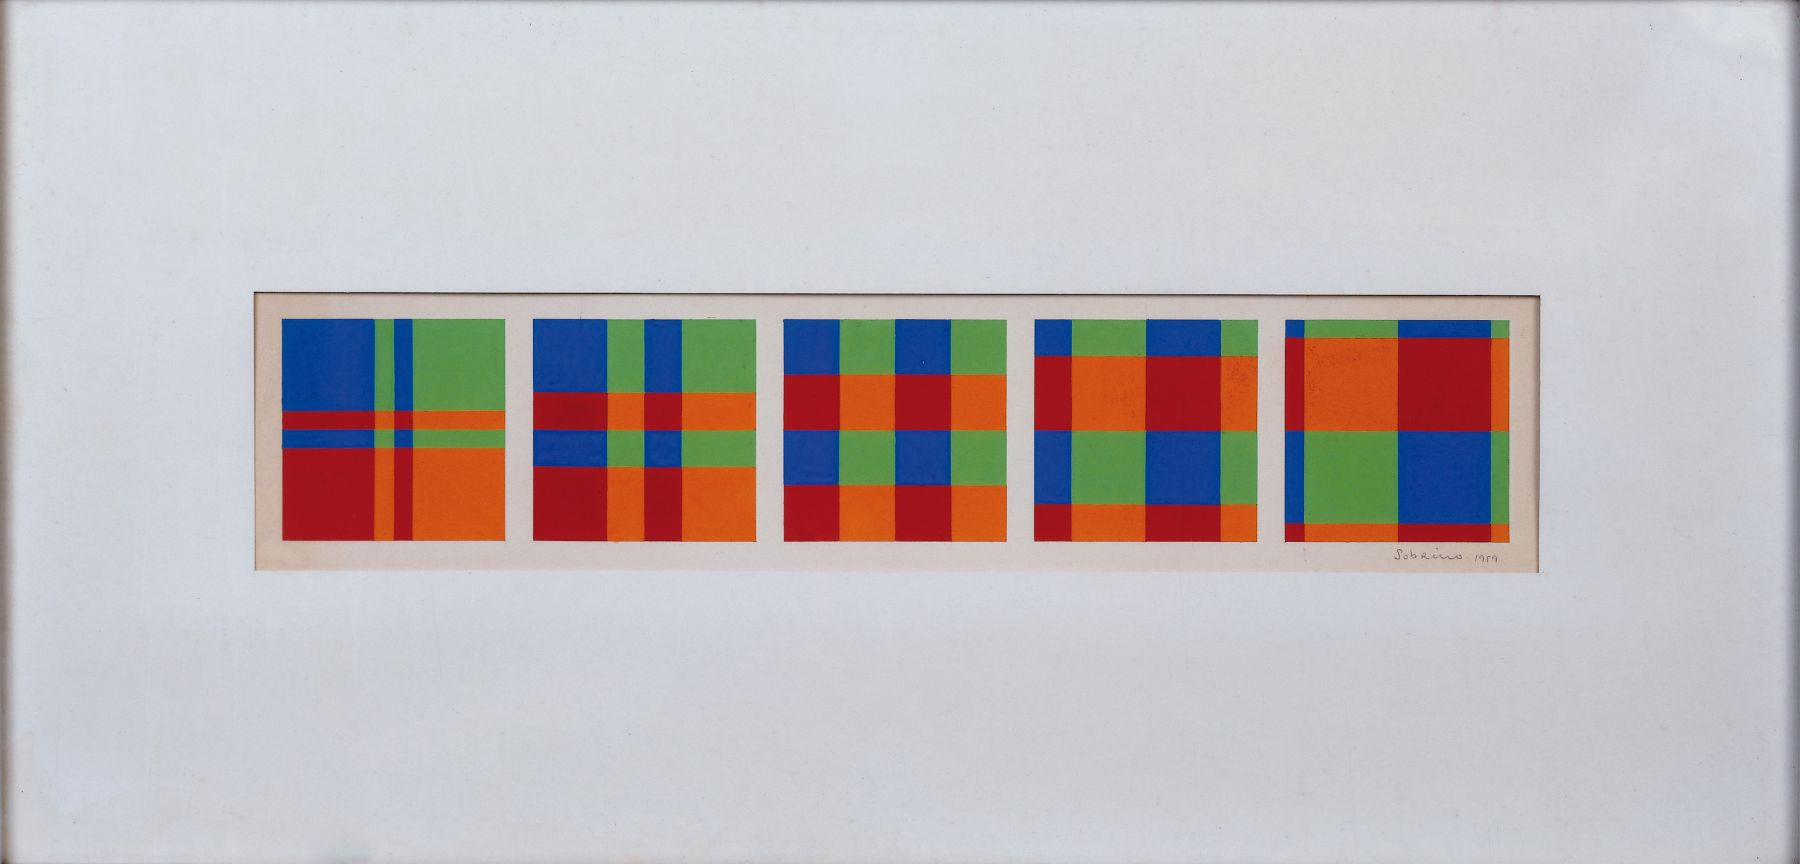 Francisco Sobrino,Untitled, 1959, Gouache on cardboard,4 1/2 x 21 in. (11.4 x 53.3 cm.)